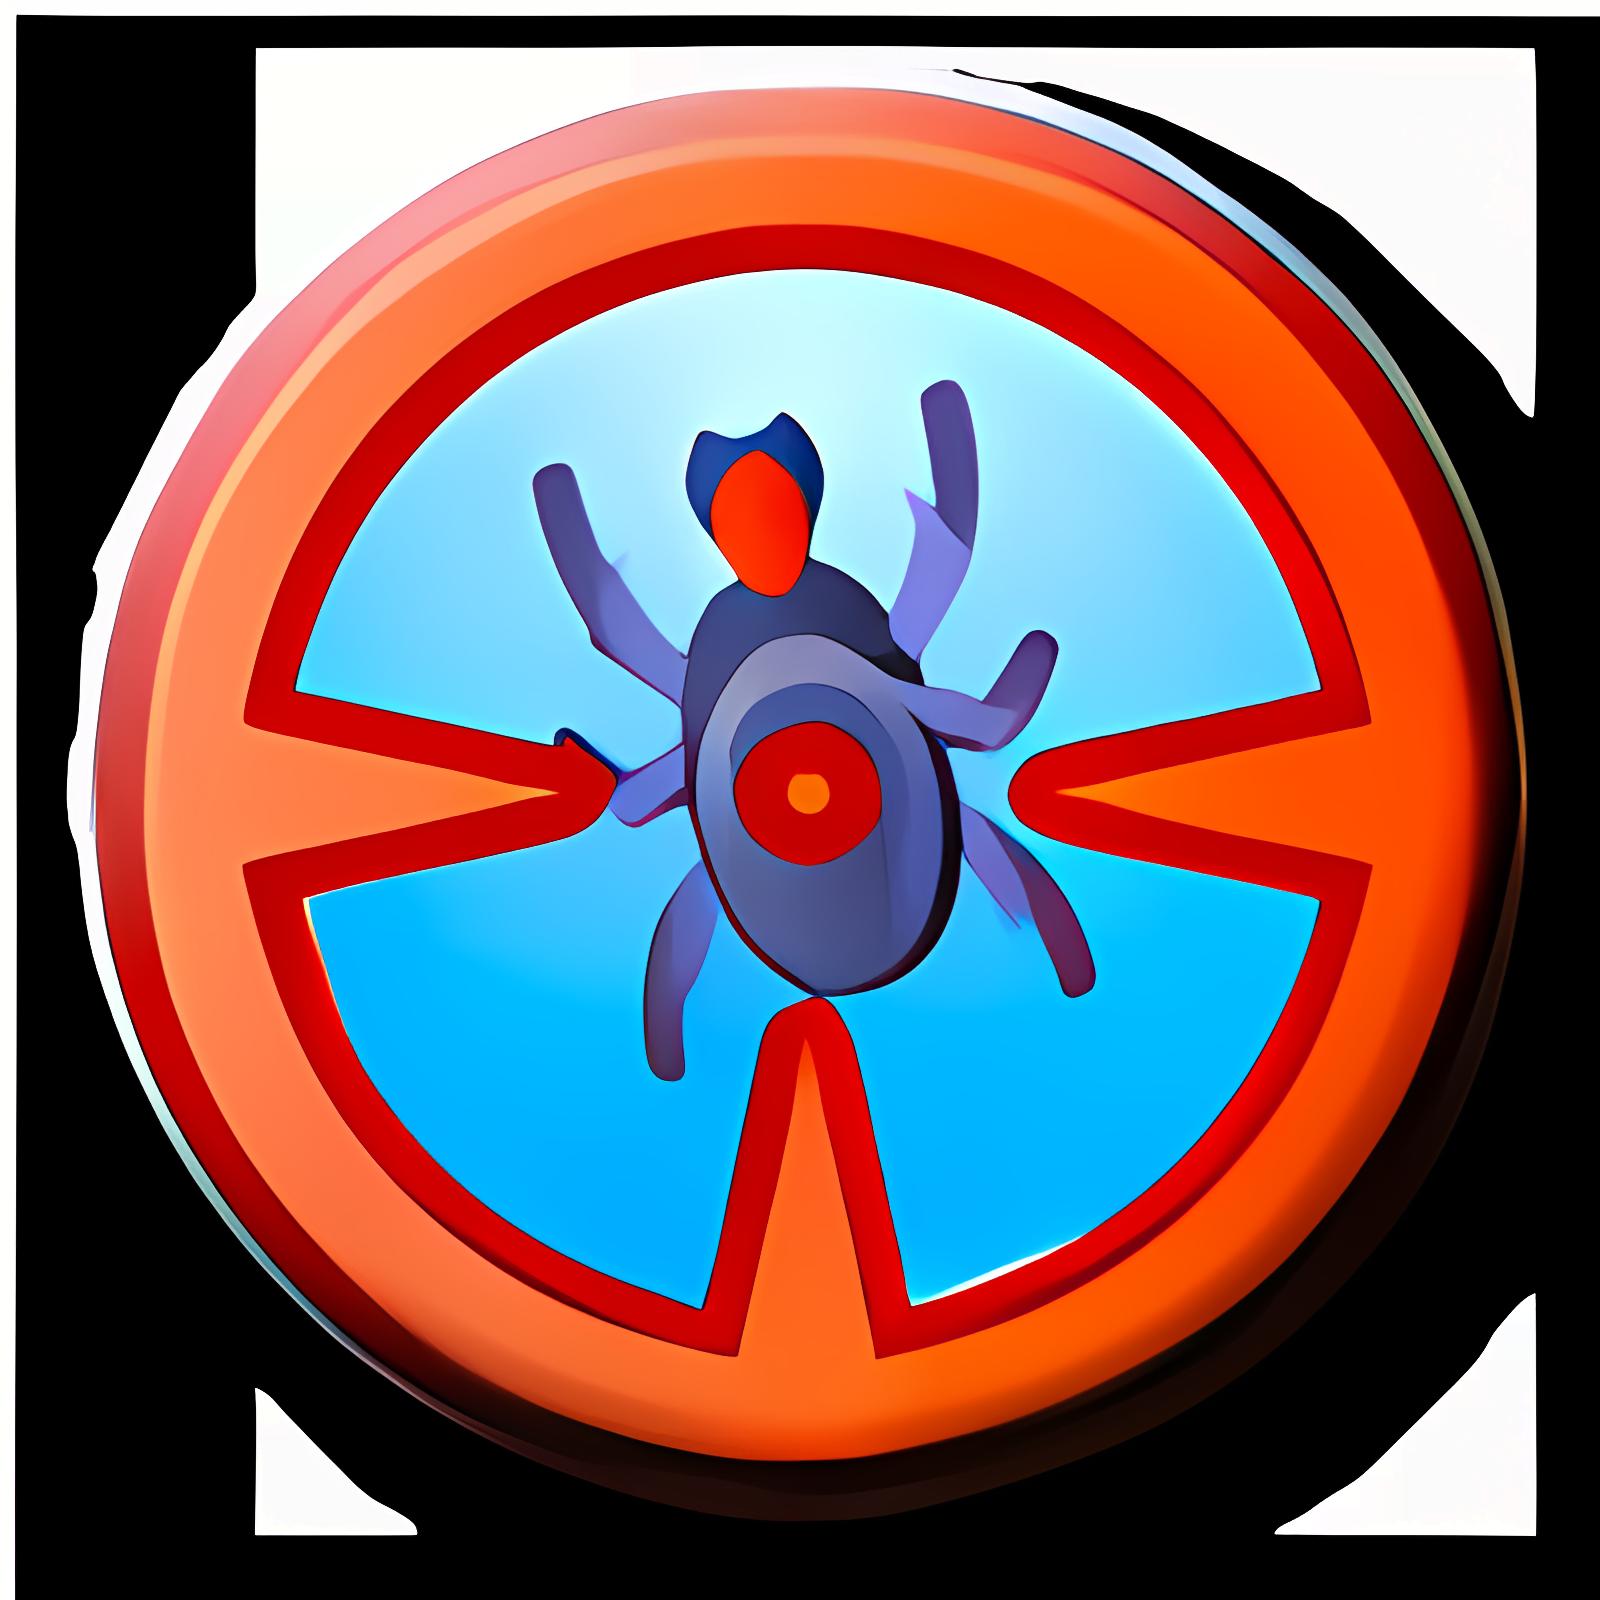 iAntivirus 1.3 Free Edition